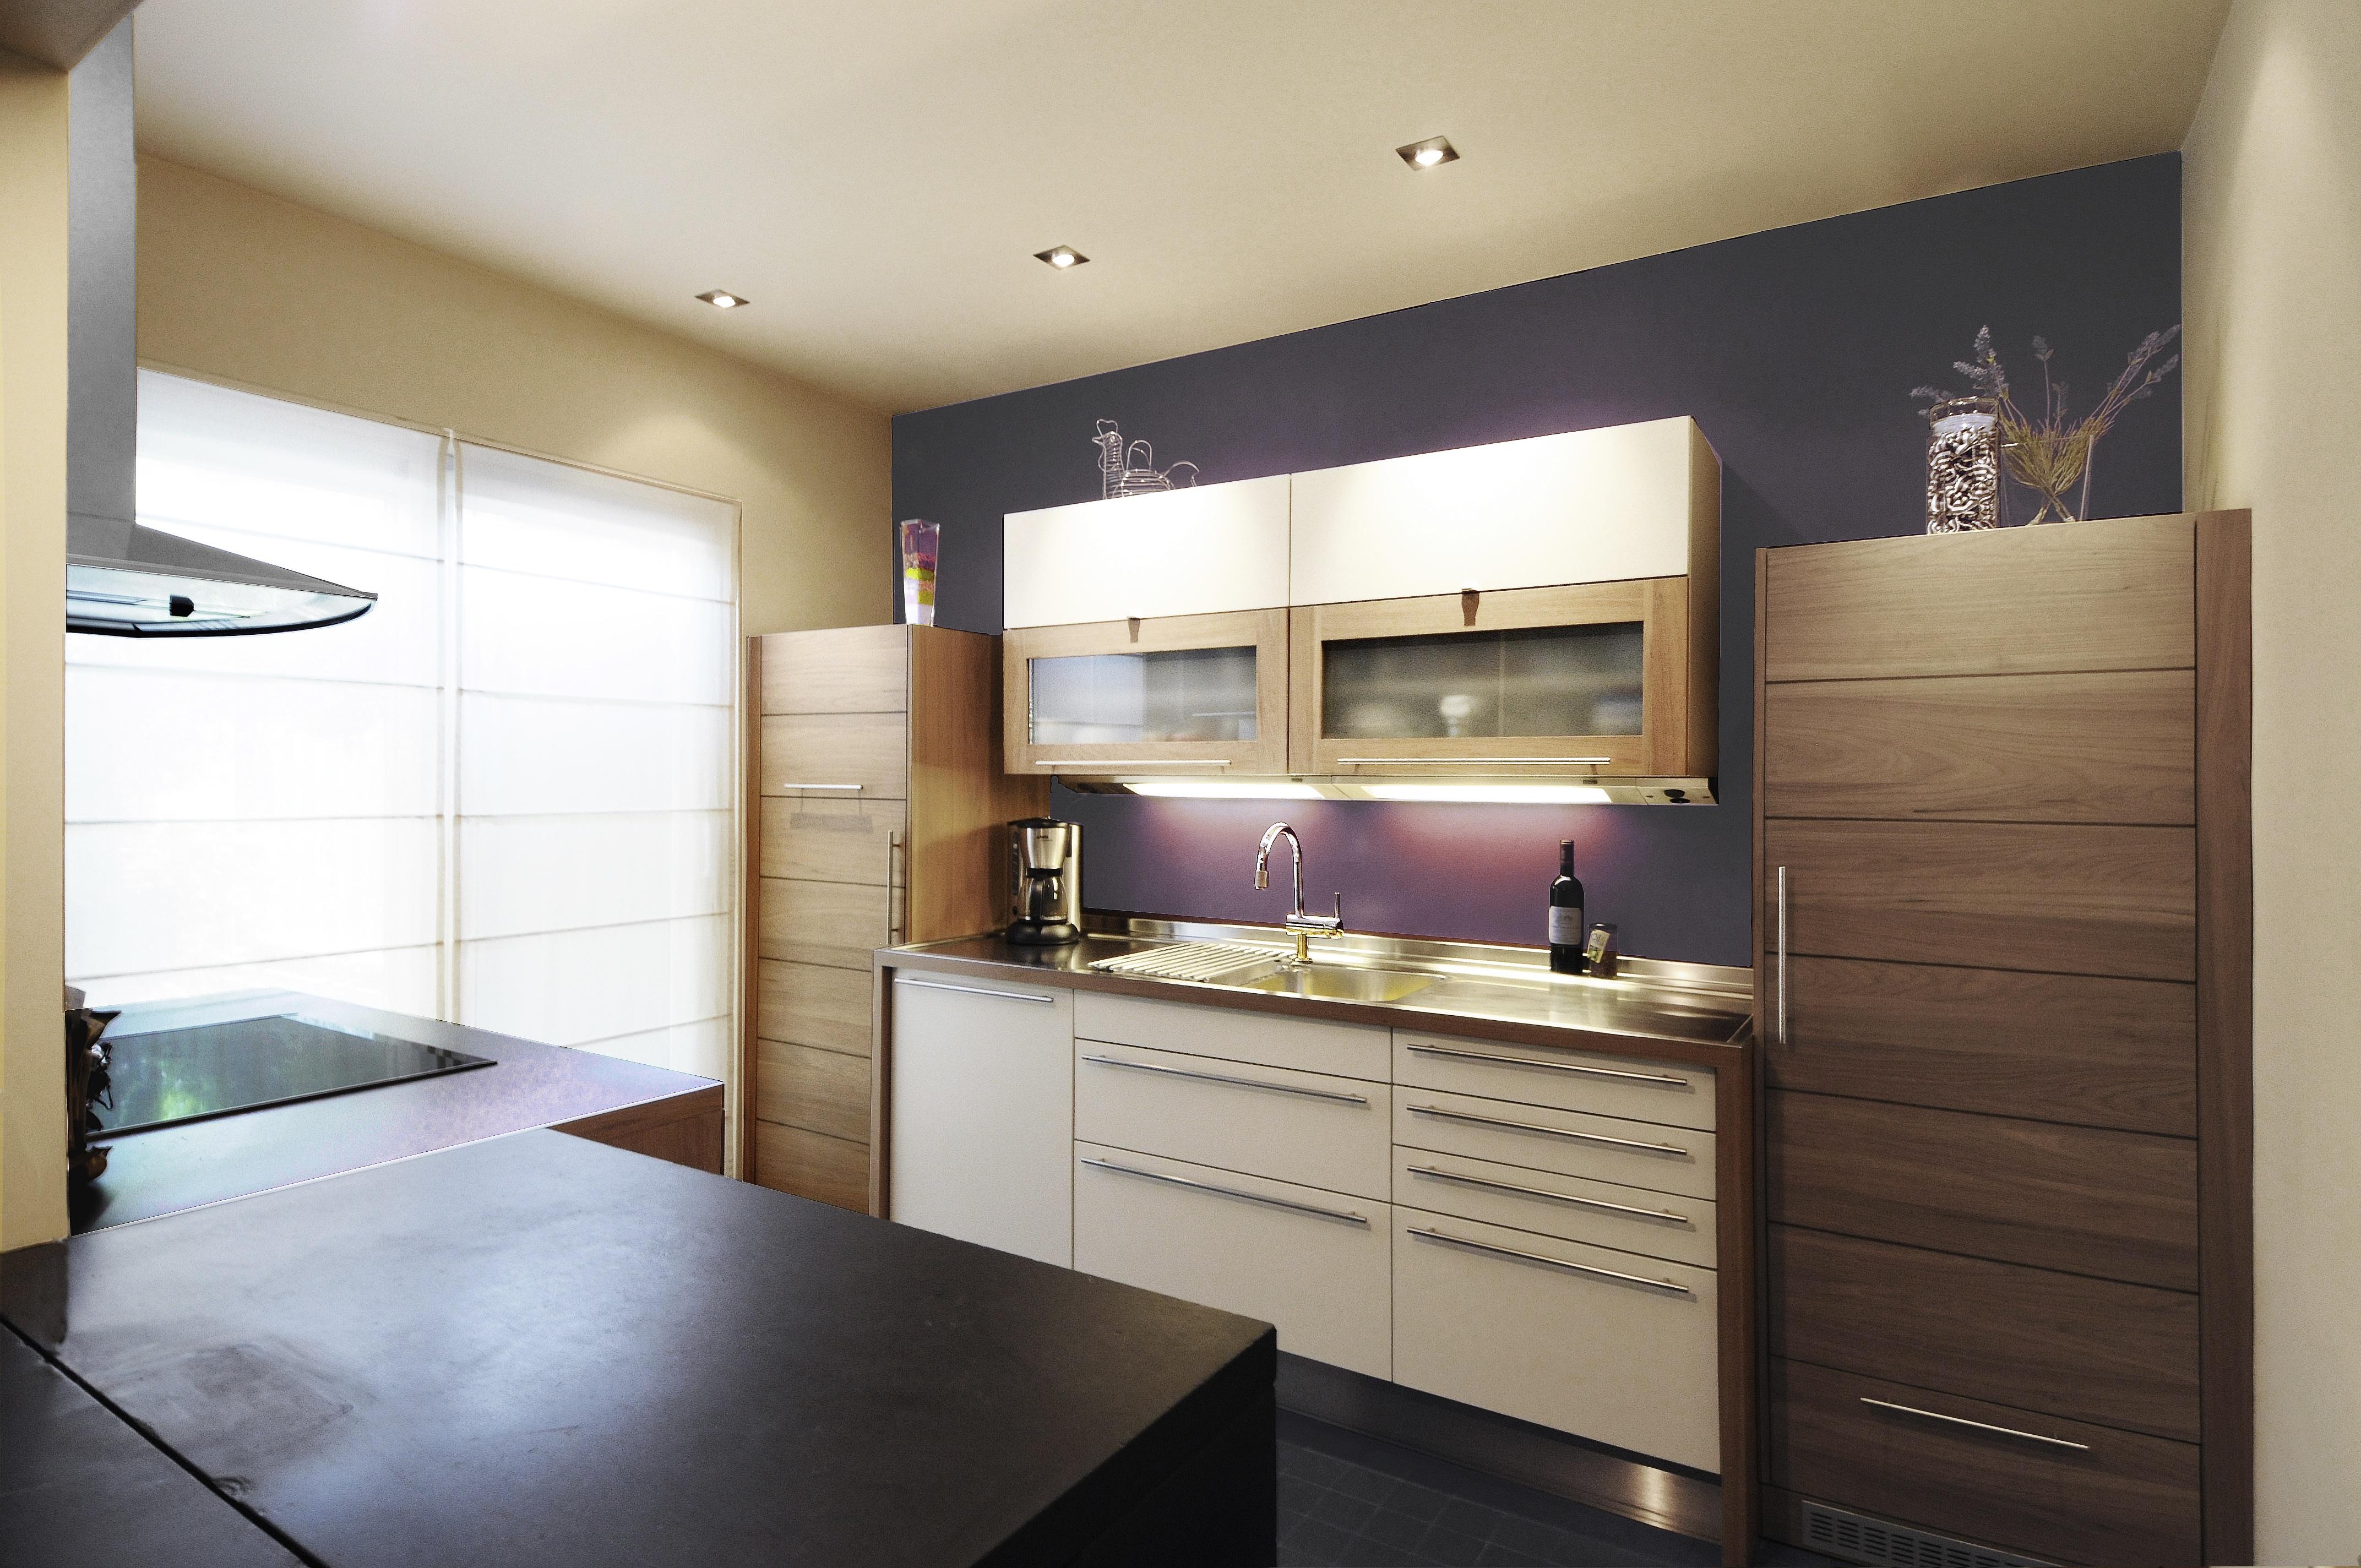 cr ation de cuisine quip e pierre w ge d corateur d 39 int rieur. Black Bedroom Furniture Sets. Home Design Ideas